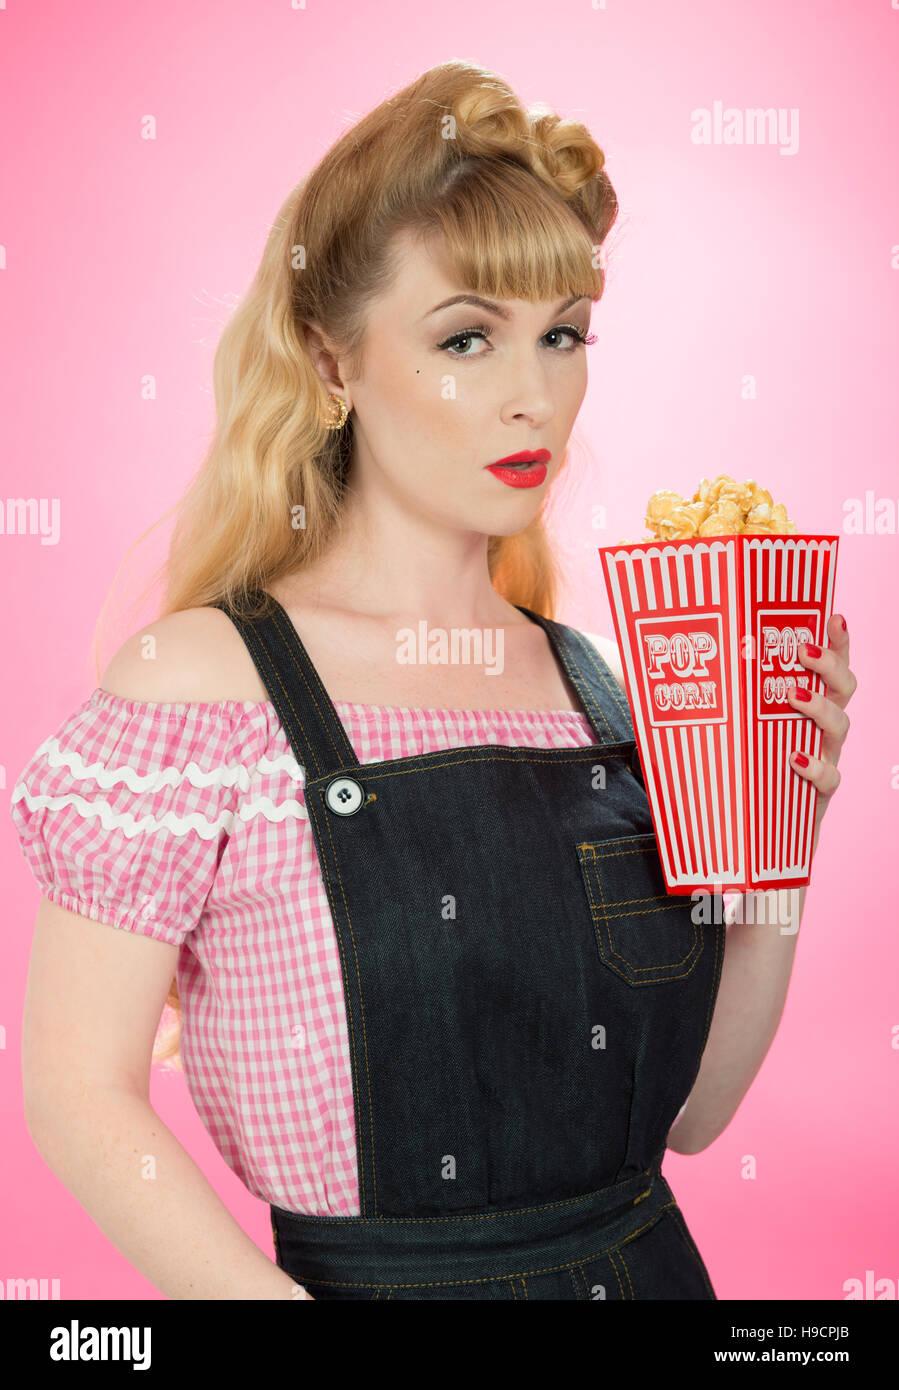 Pin-up Girl mit Karton auf Popcorn auf einem hellen rosa Hintergrund Stockbild